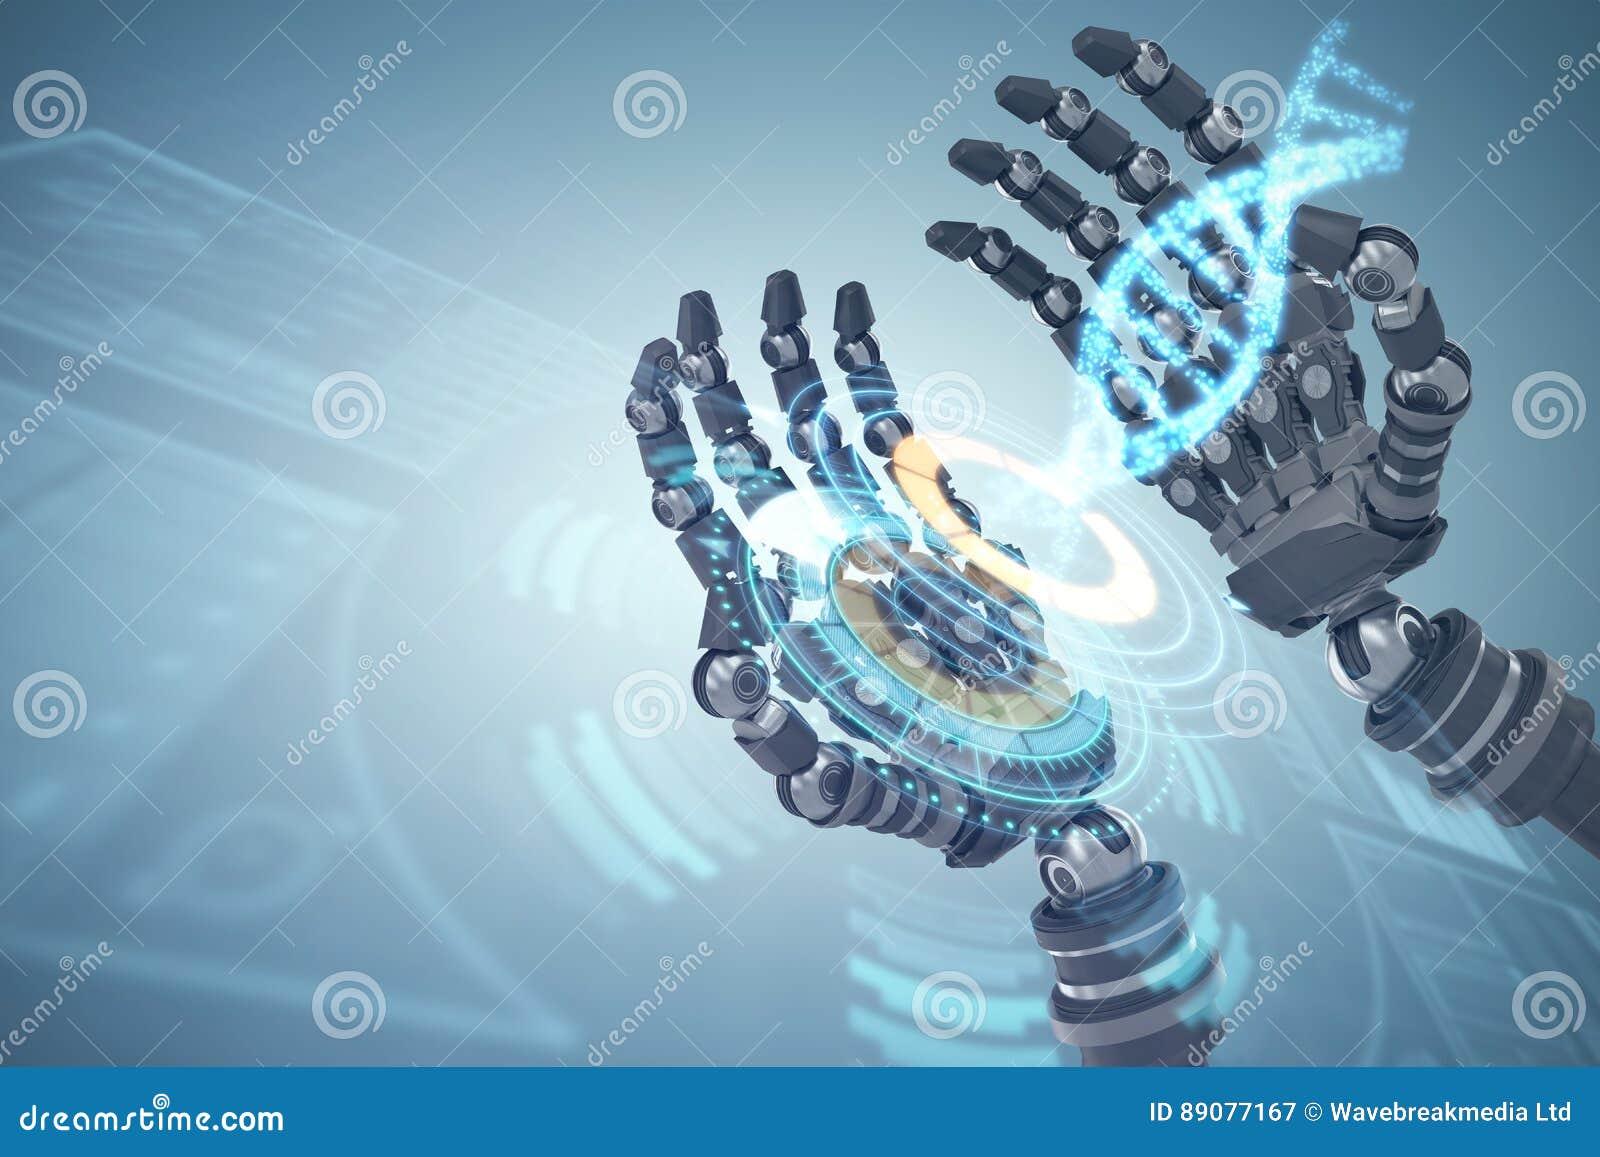 Imagem composta da imagem composta das mãos robóticos contra o fundo branco 3d